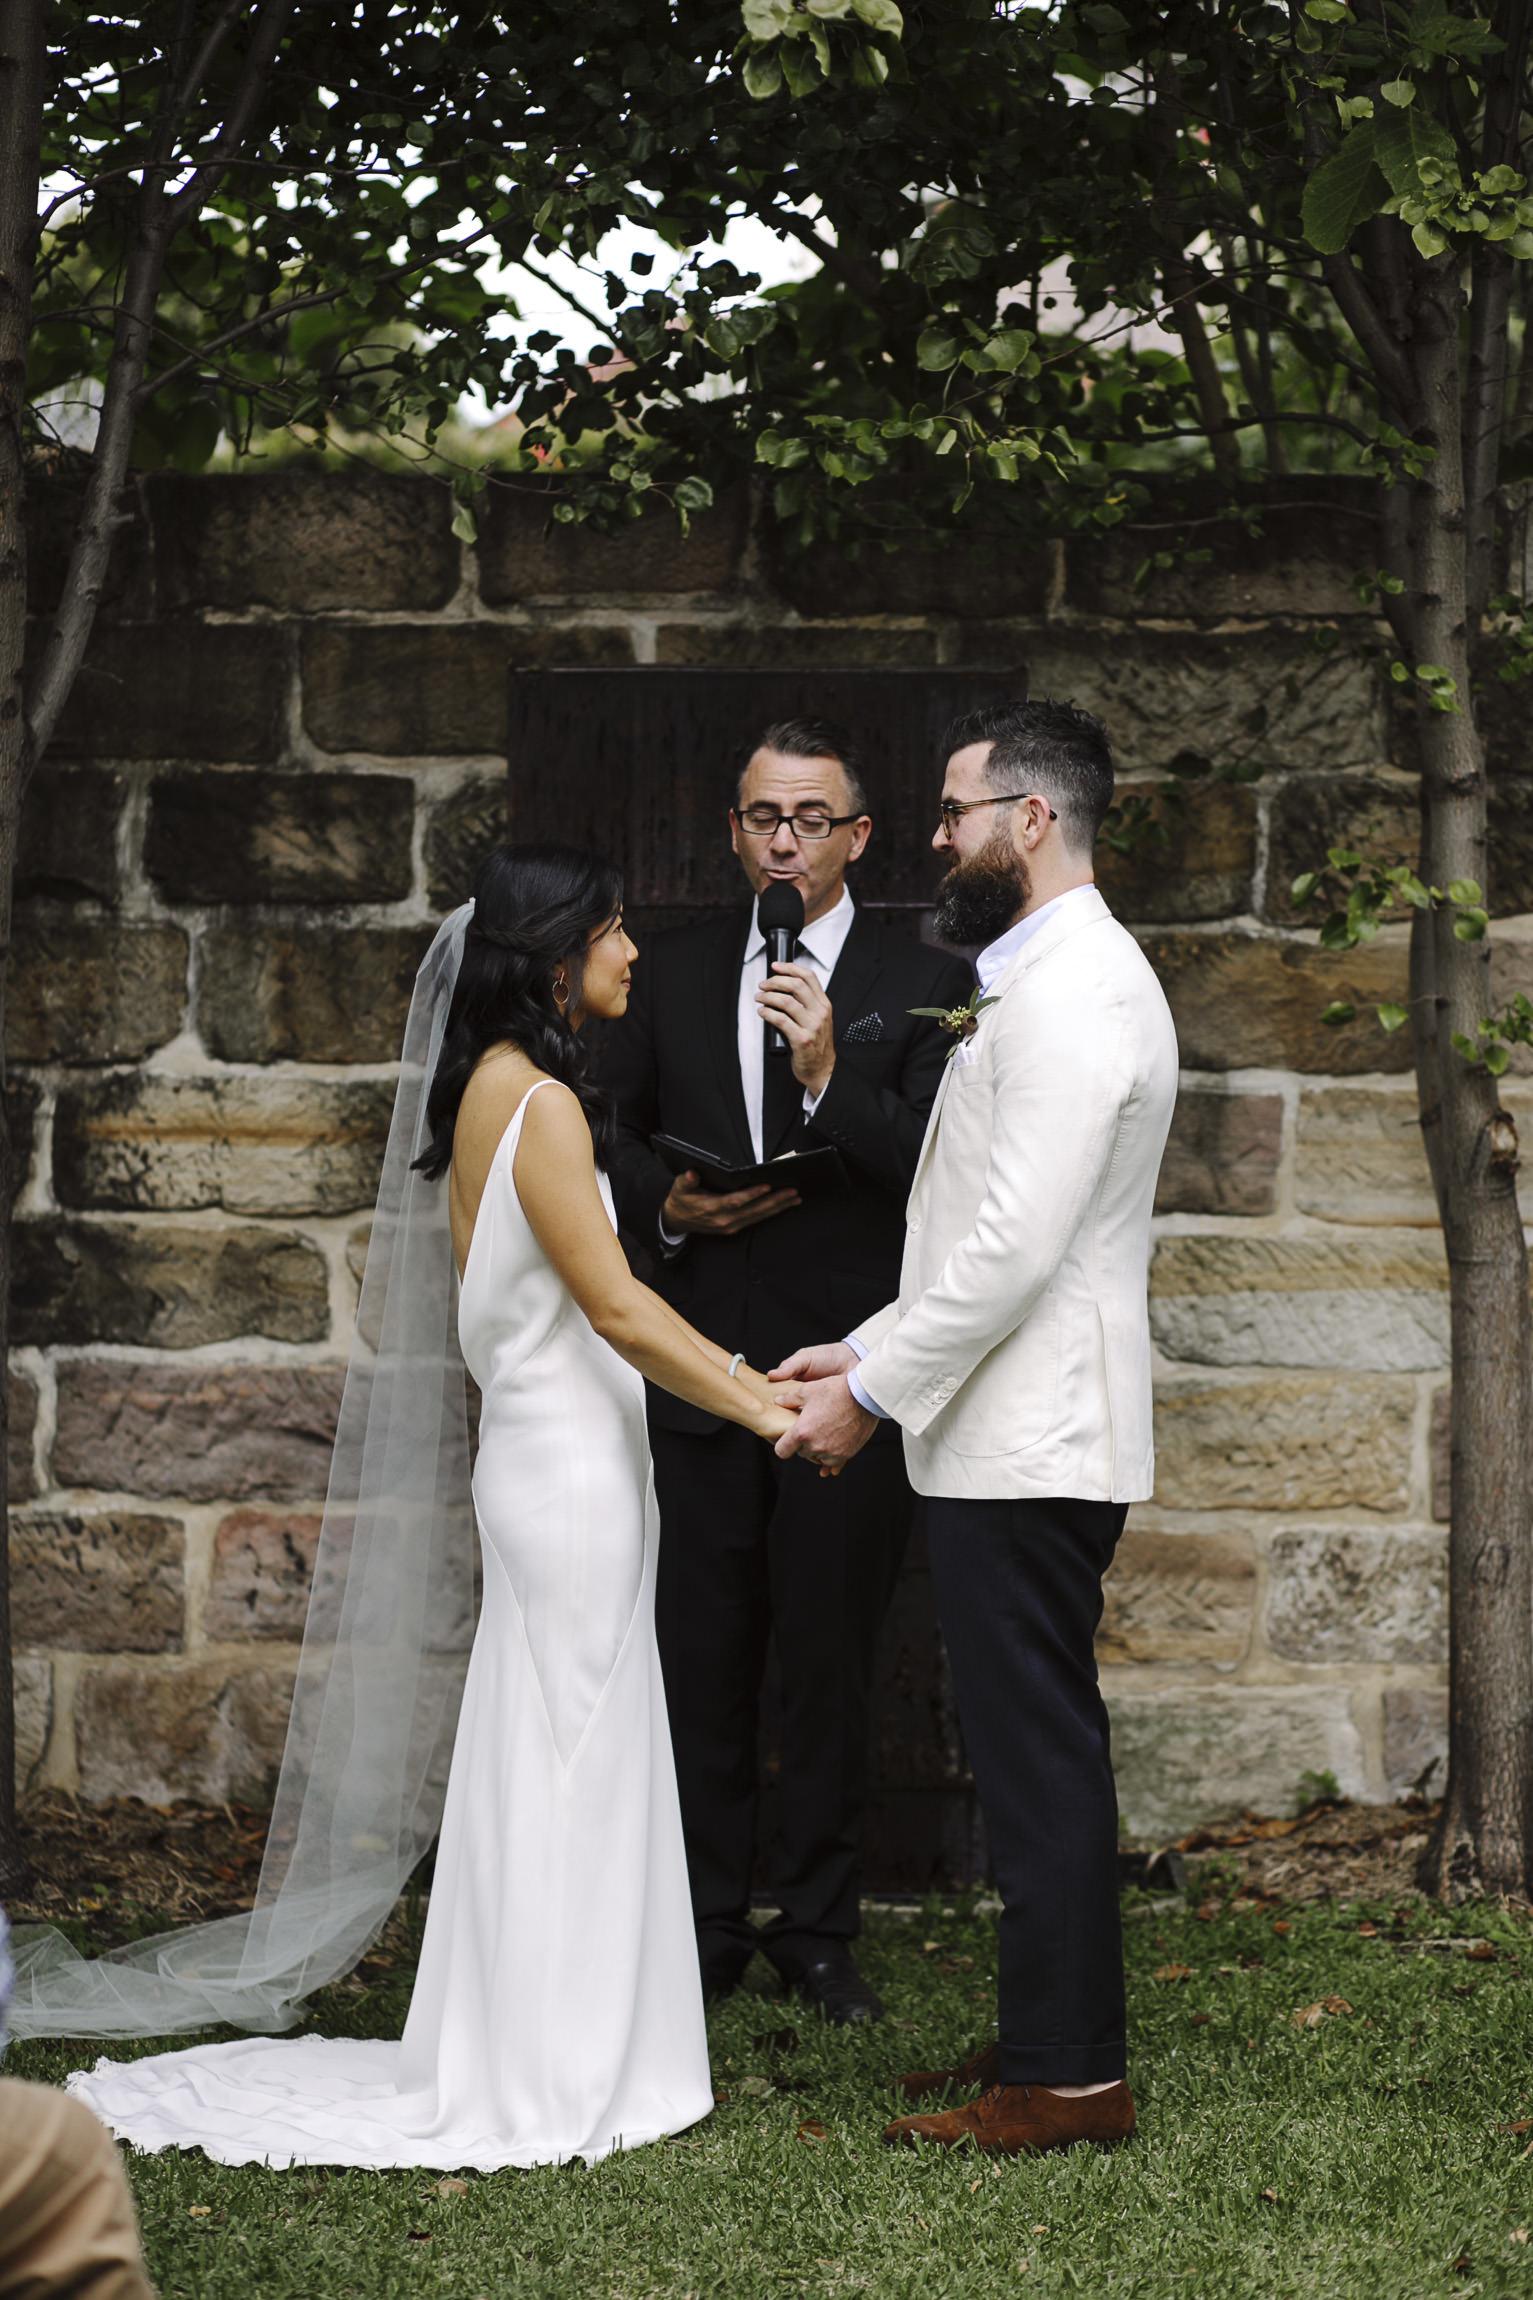 180420_justinaaron_wedding_yang_ben_h-116.jpg